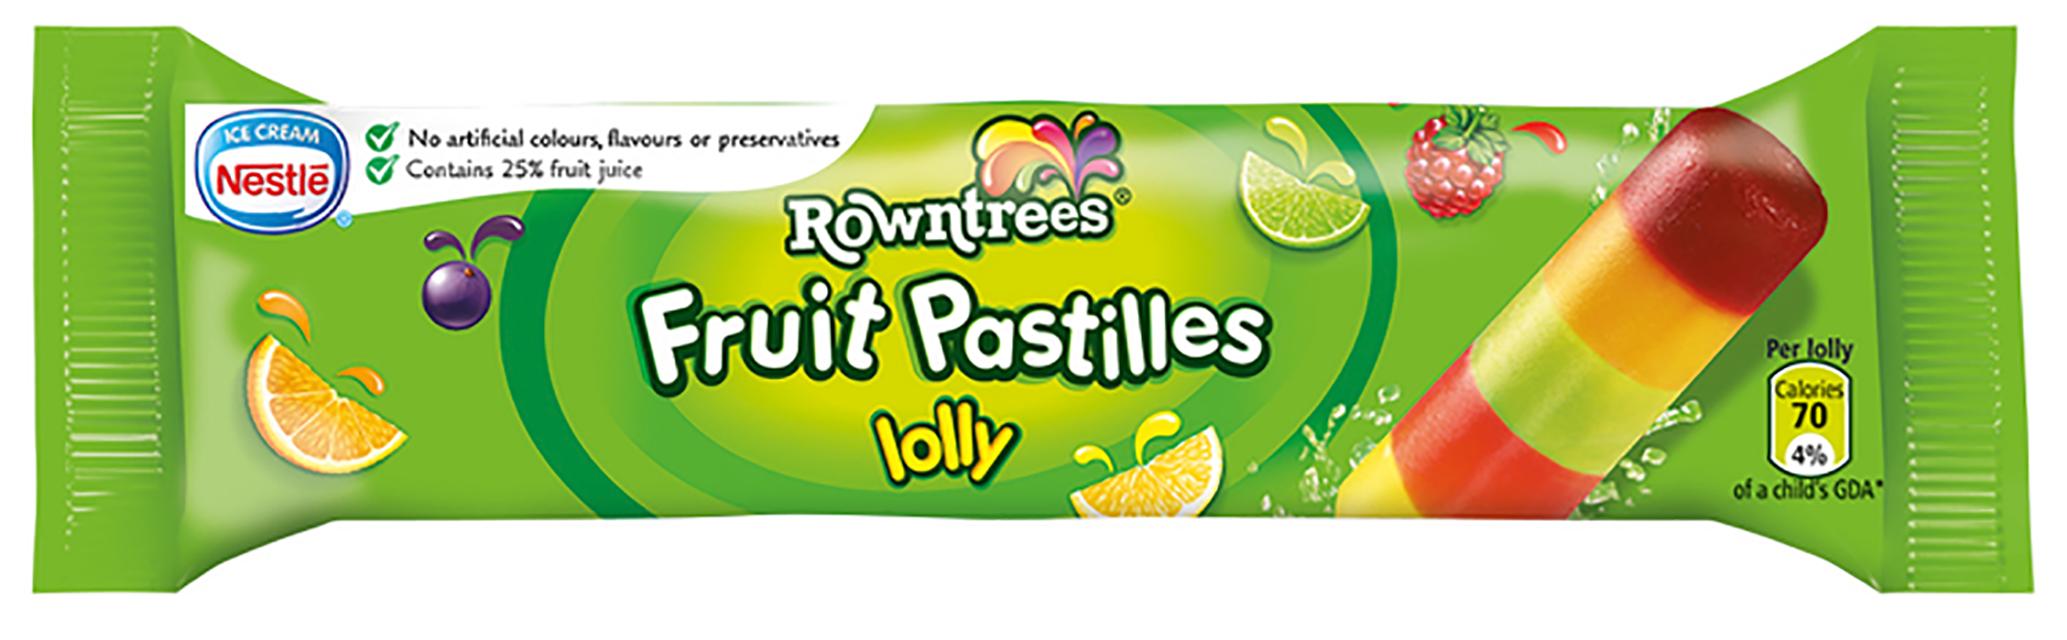 2410 - Fruit Pastille.png